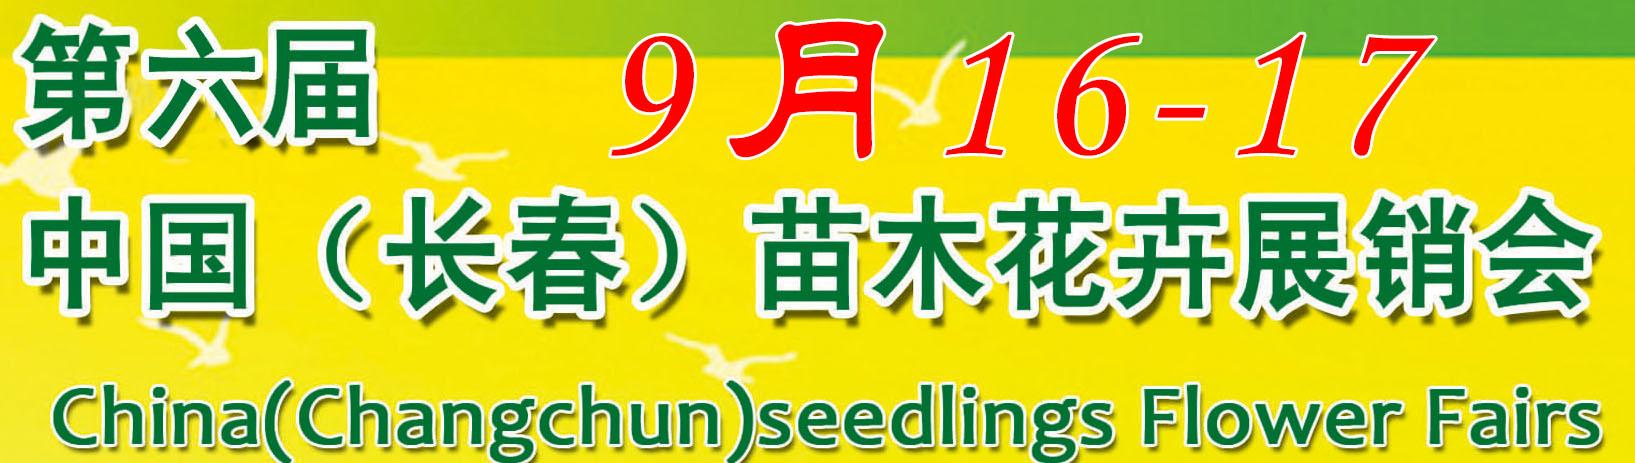 2015中国(长春)苗木花卉博览会